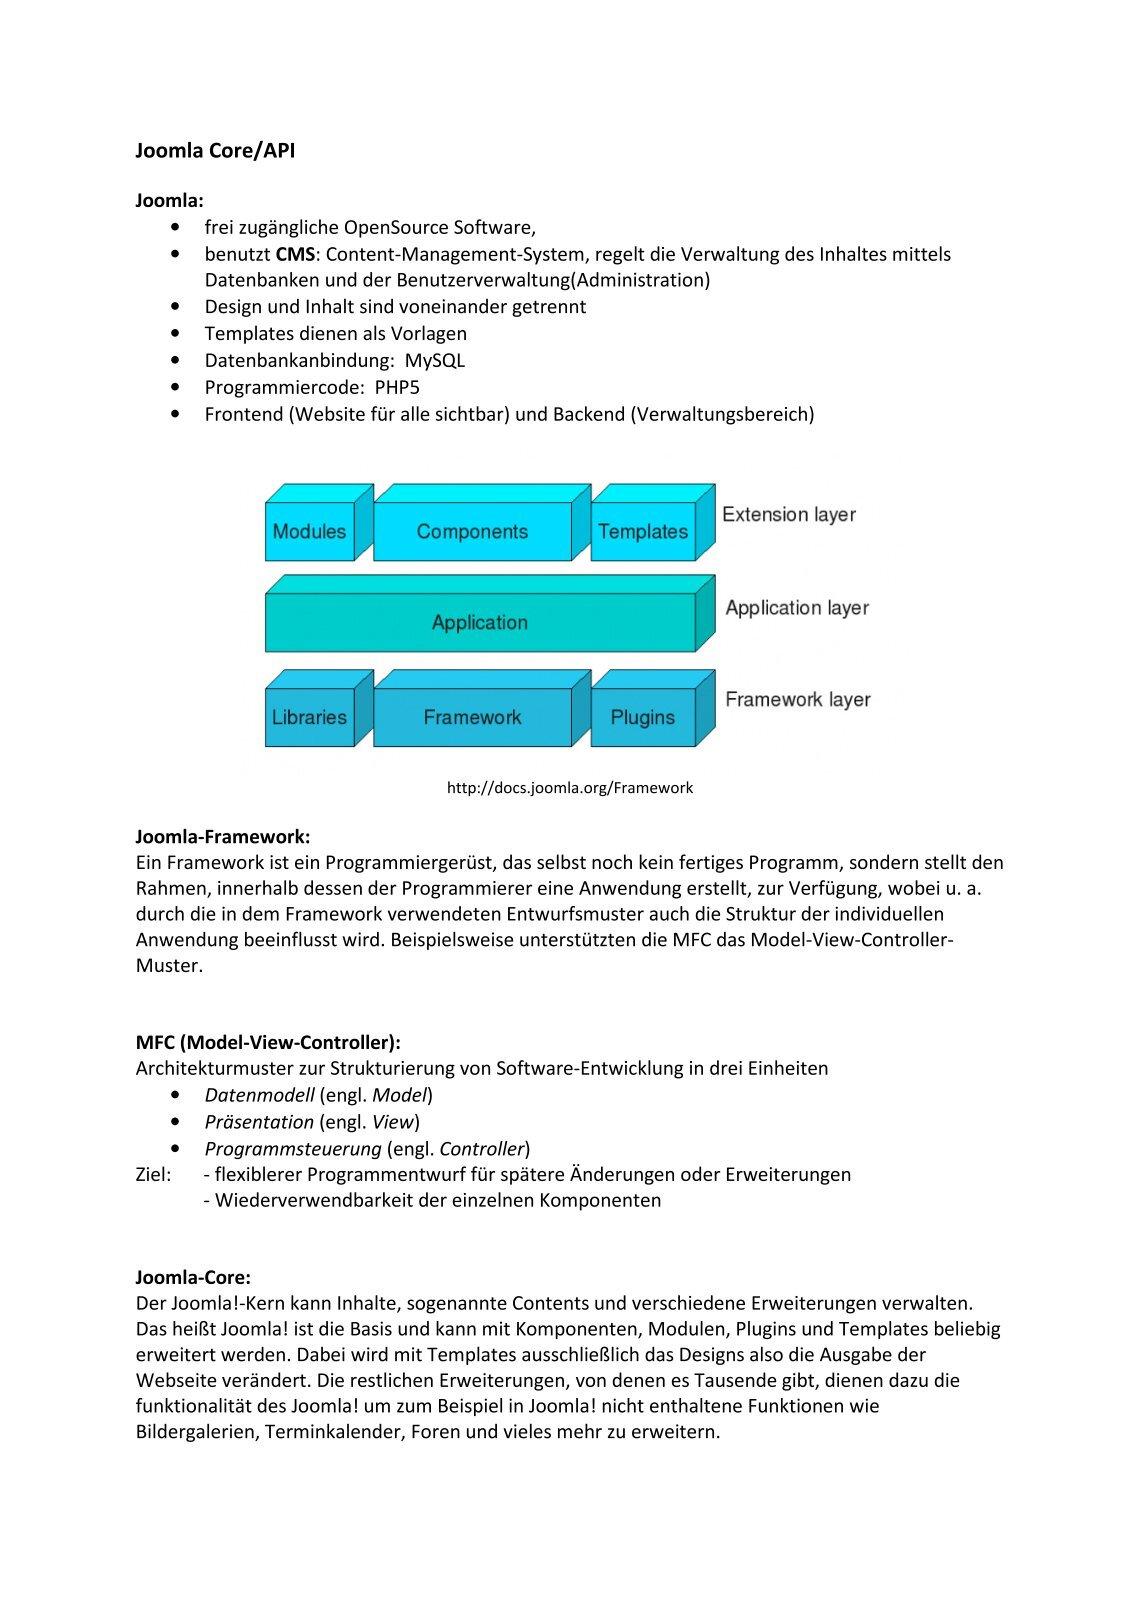 Ziemlich Zend Framework Vorlage Galerie - Entry Level Resume ...